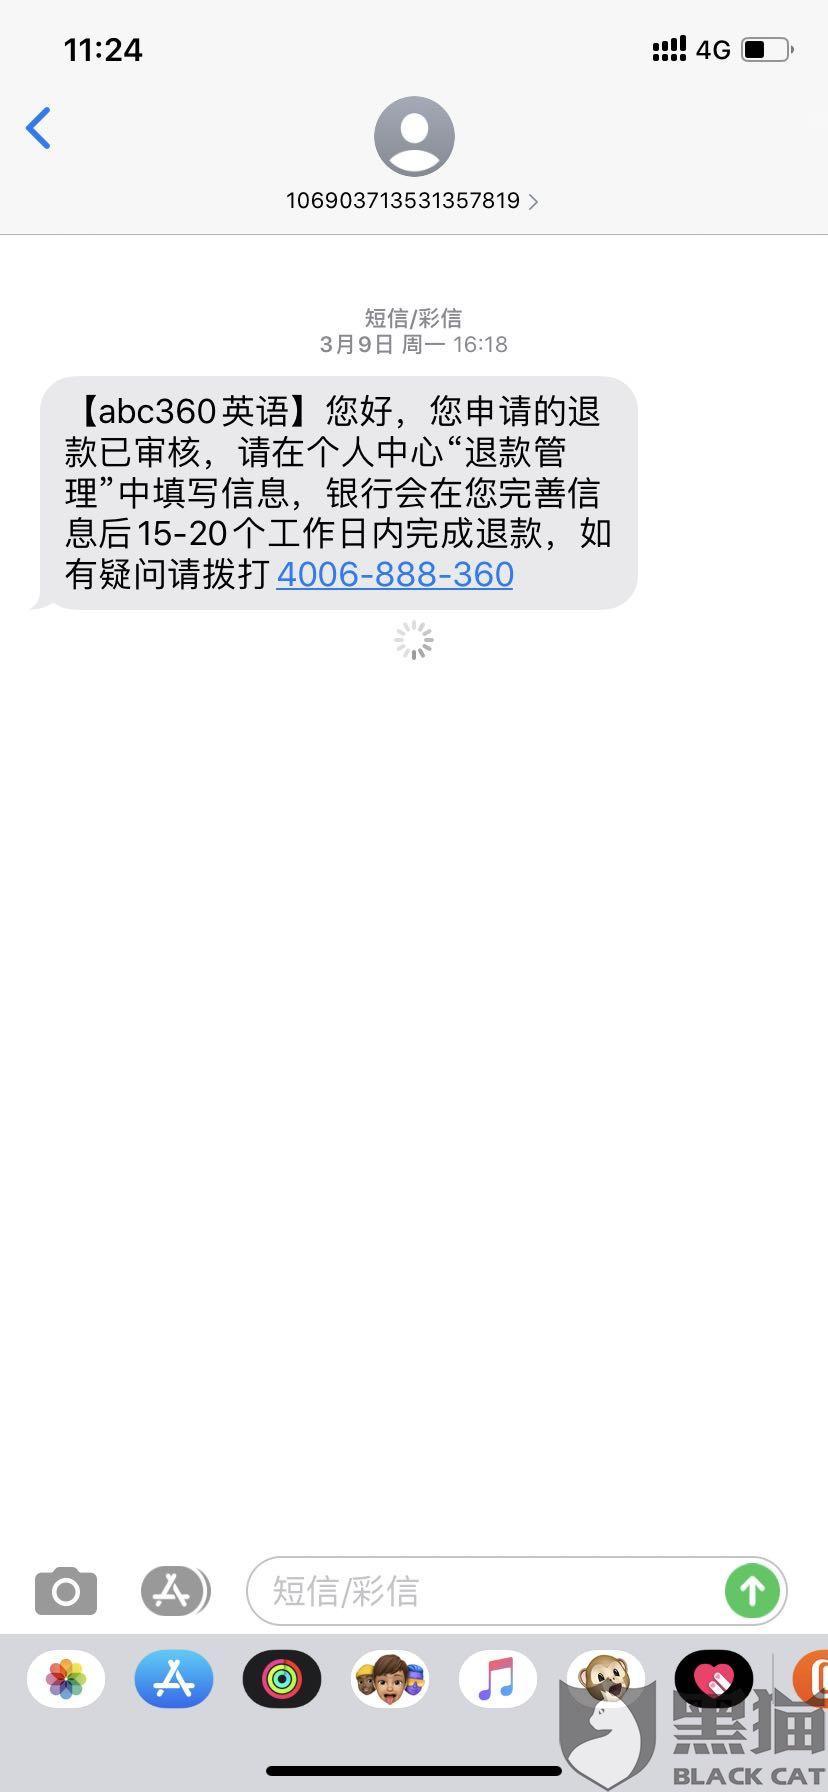 黑猫投诉:申请线上英语退款,abc360英语未按时退款